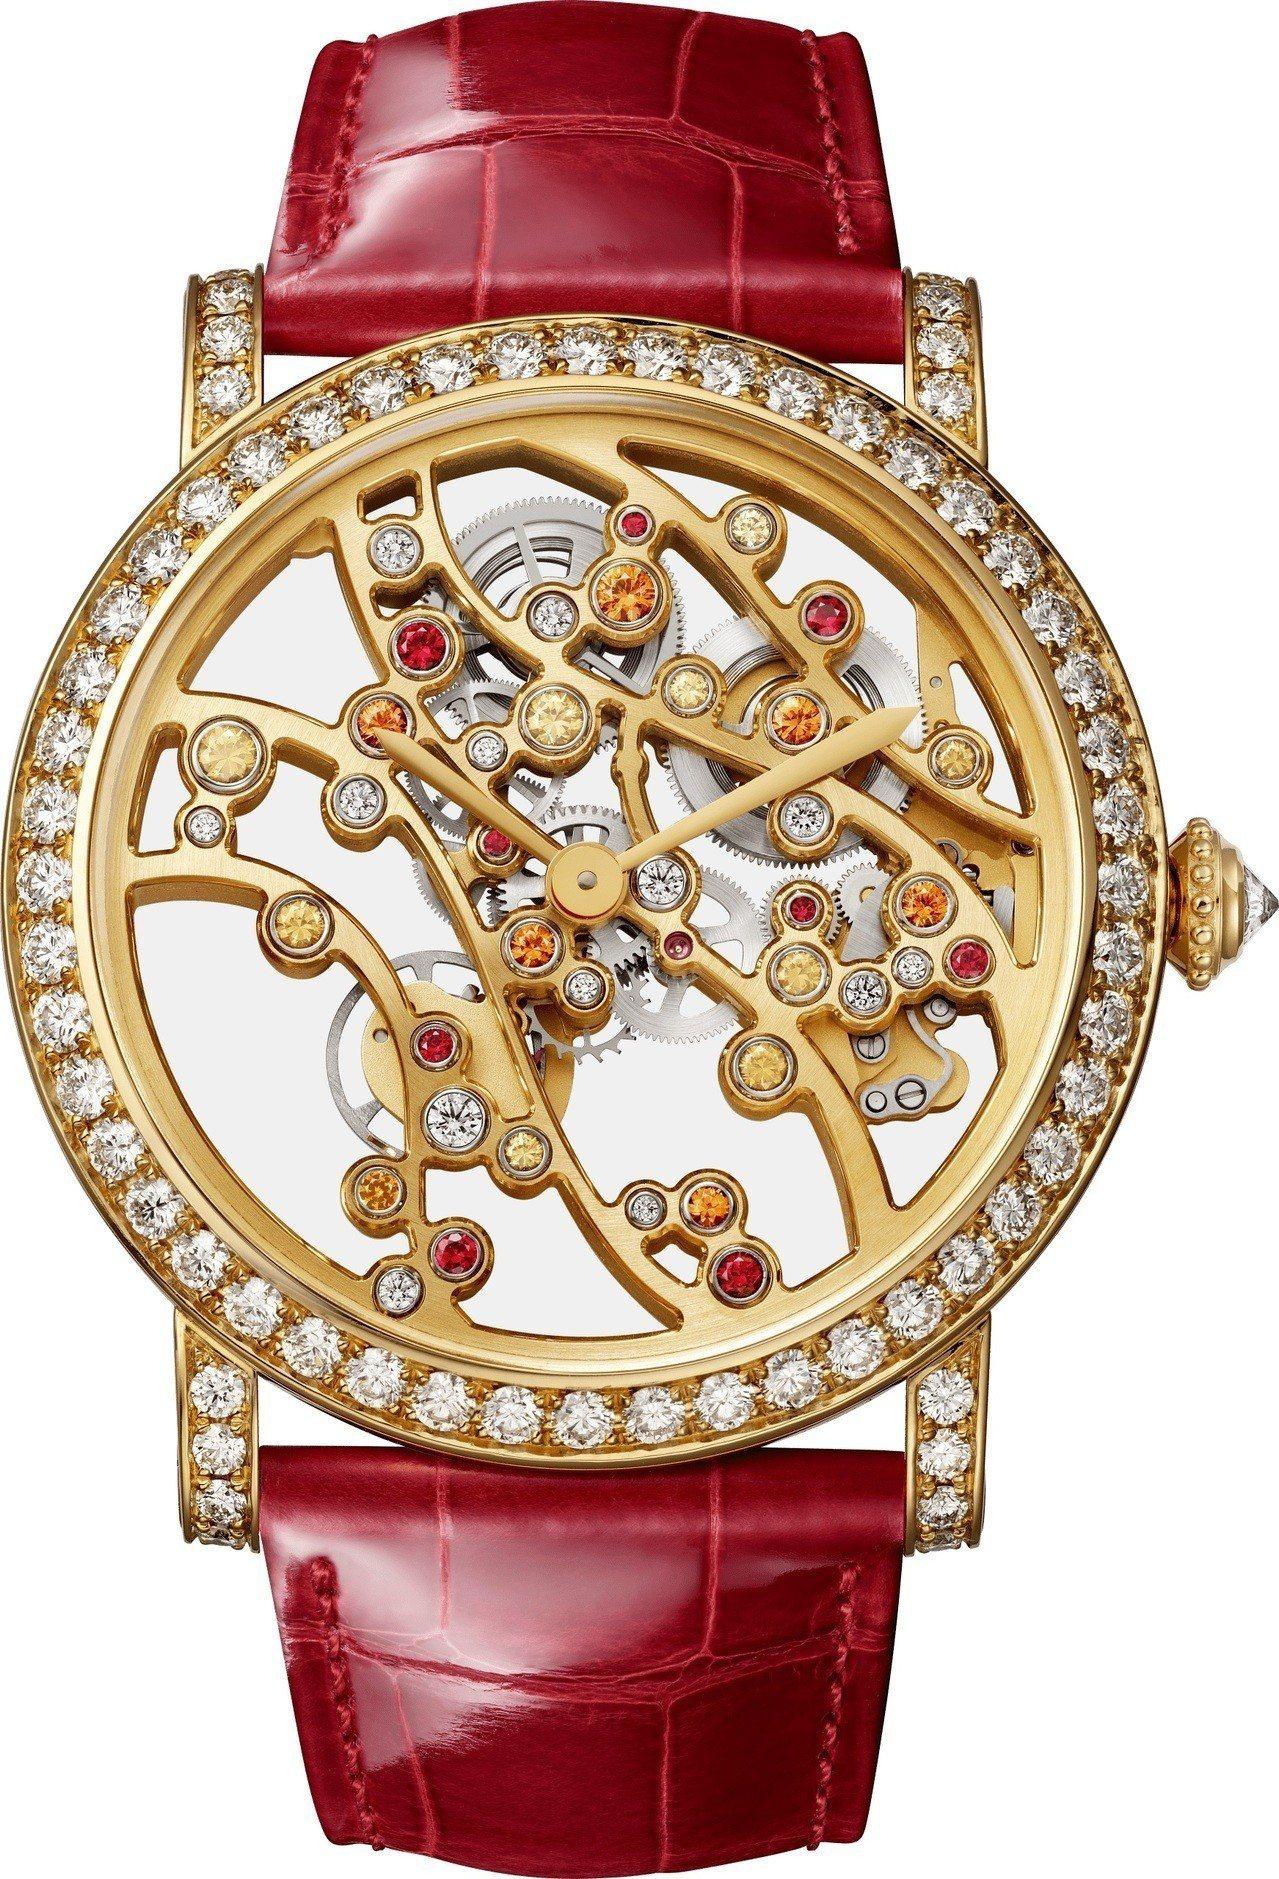 卡地亞 JARDINS JAPONAIS 系列秋季複雜腕表, 364萬元,全球限...